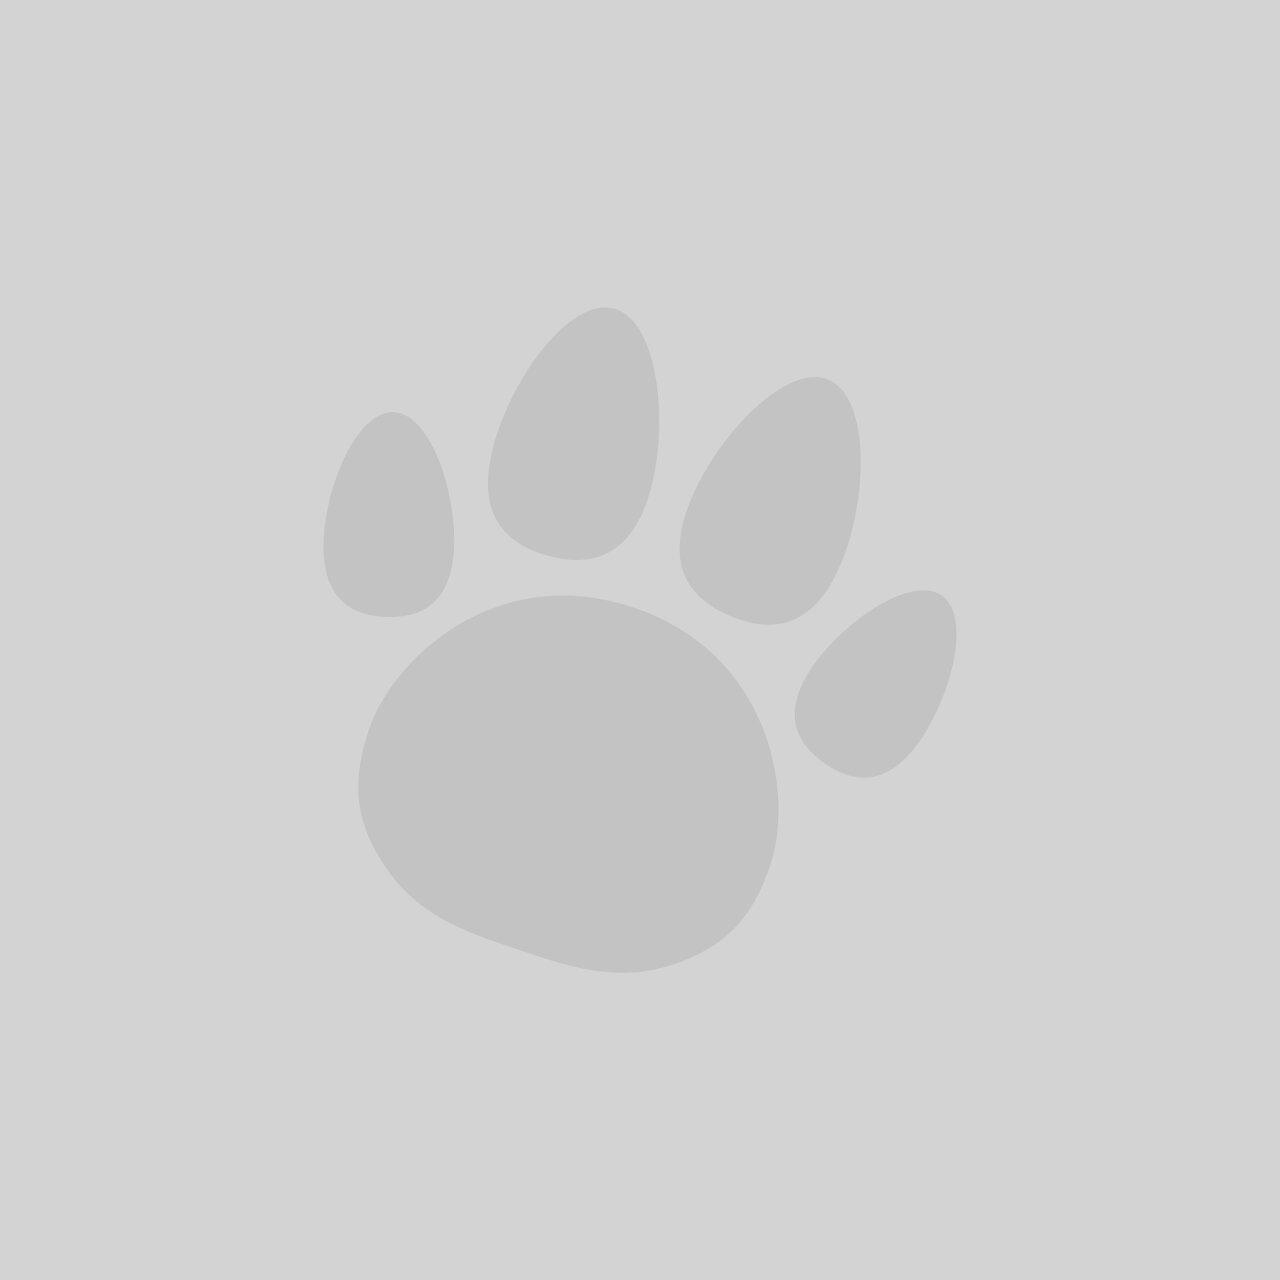 Pedigree Dog Treats Markies Minis 500g